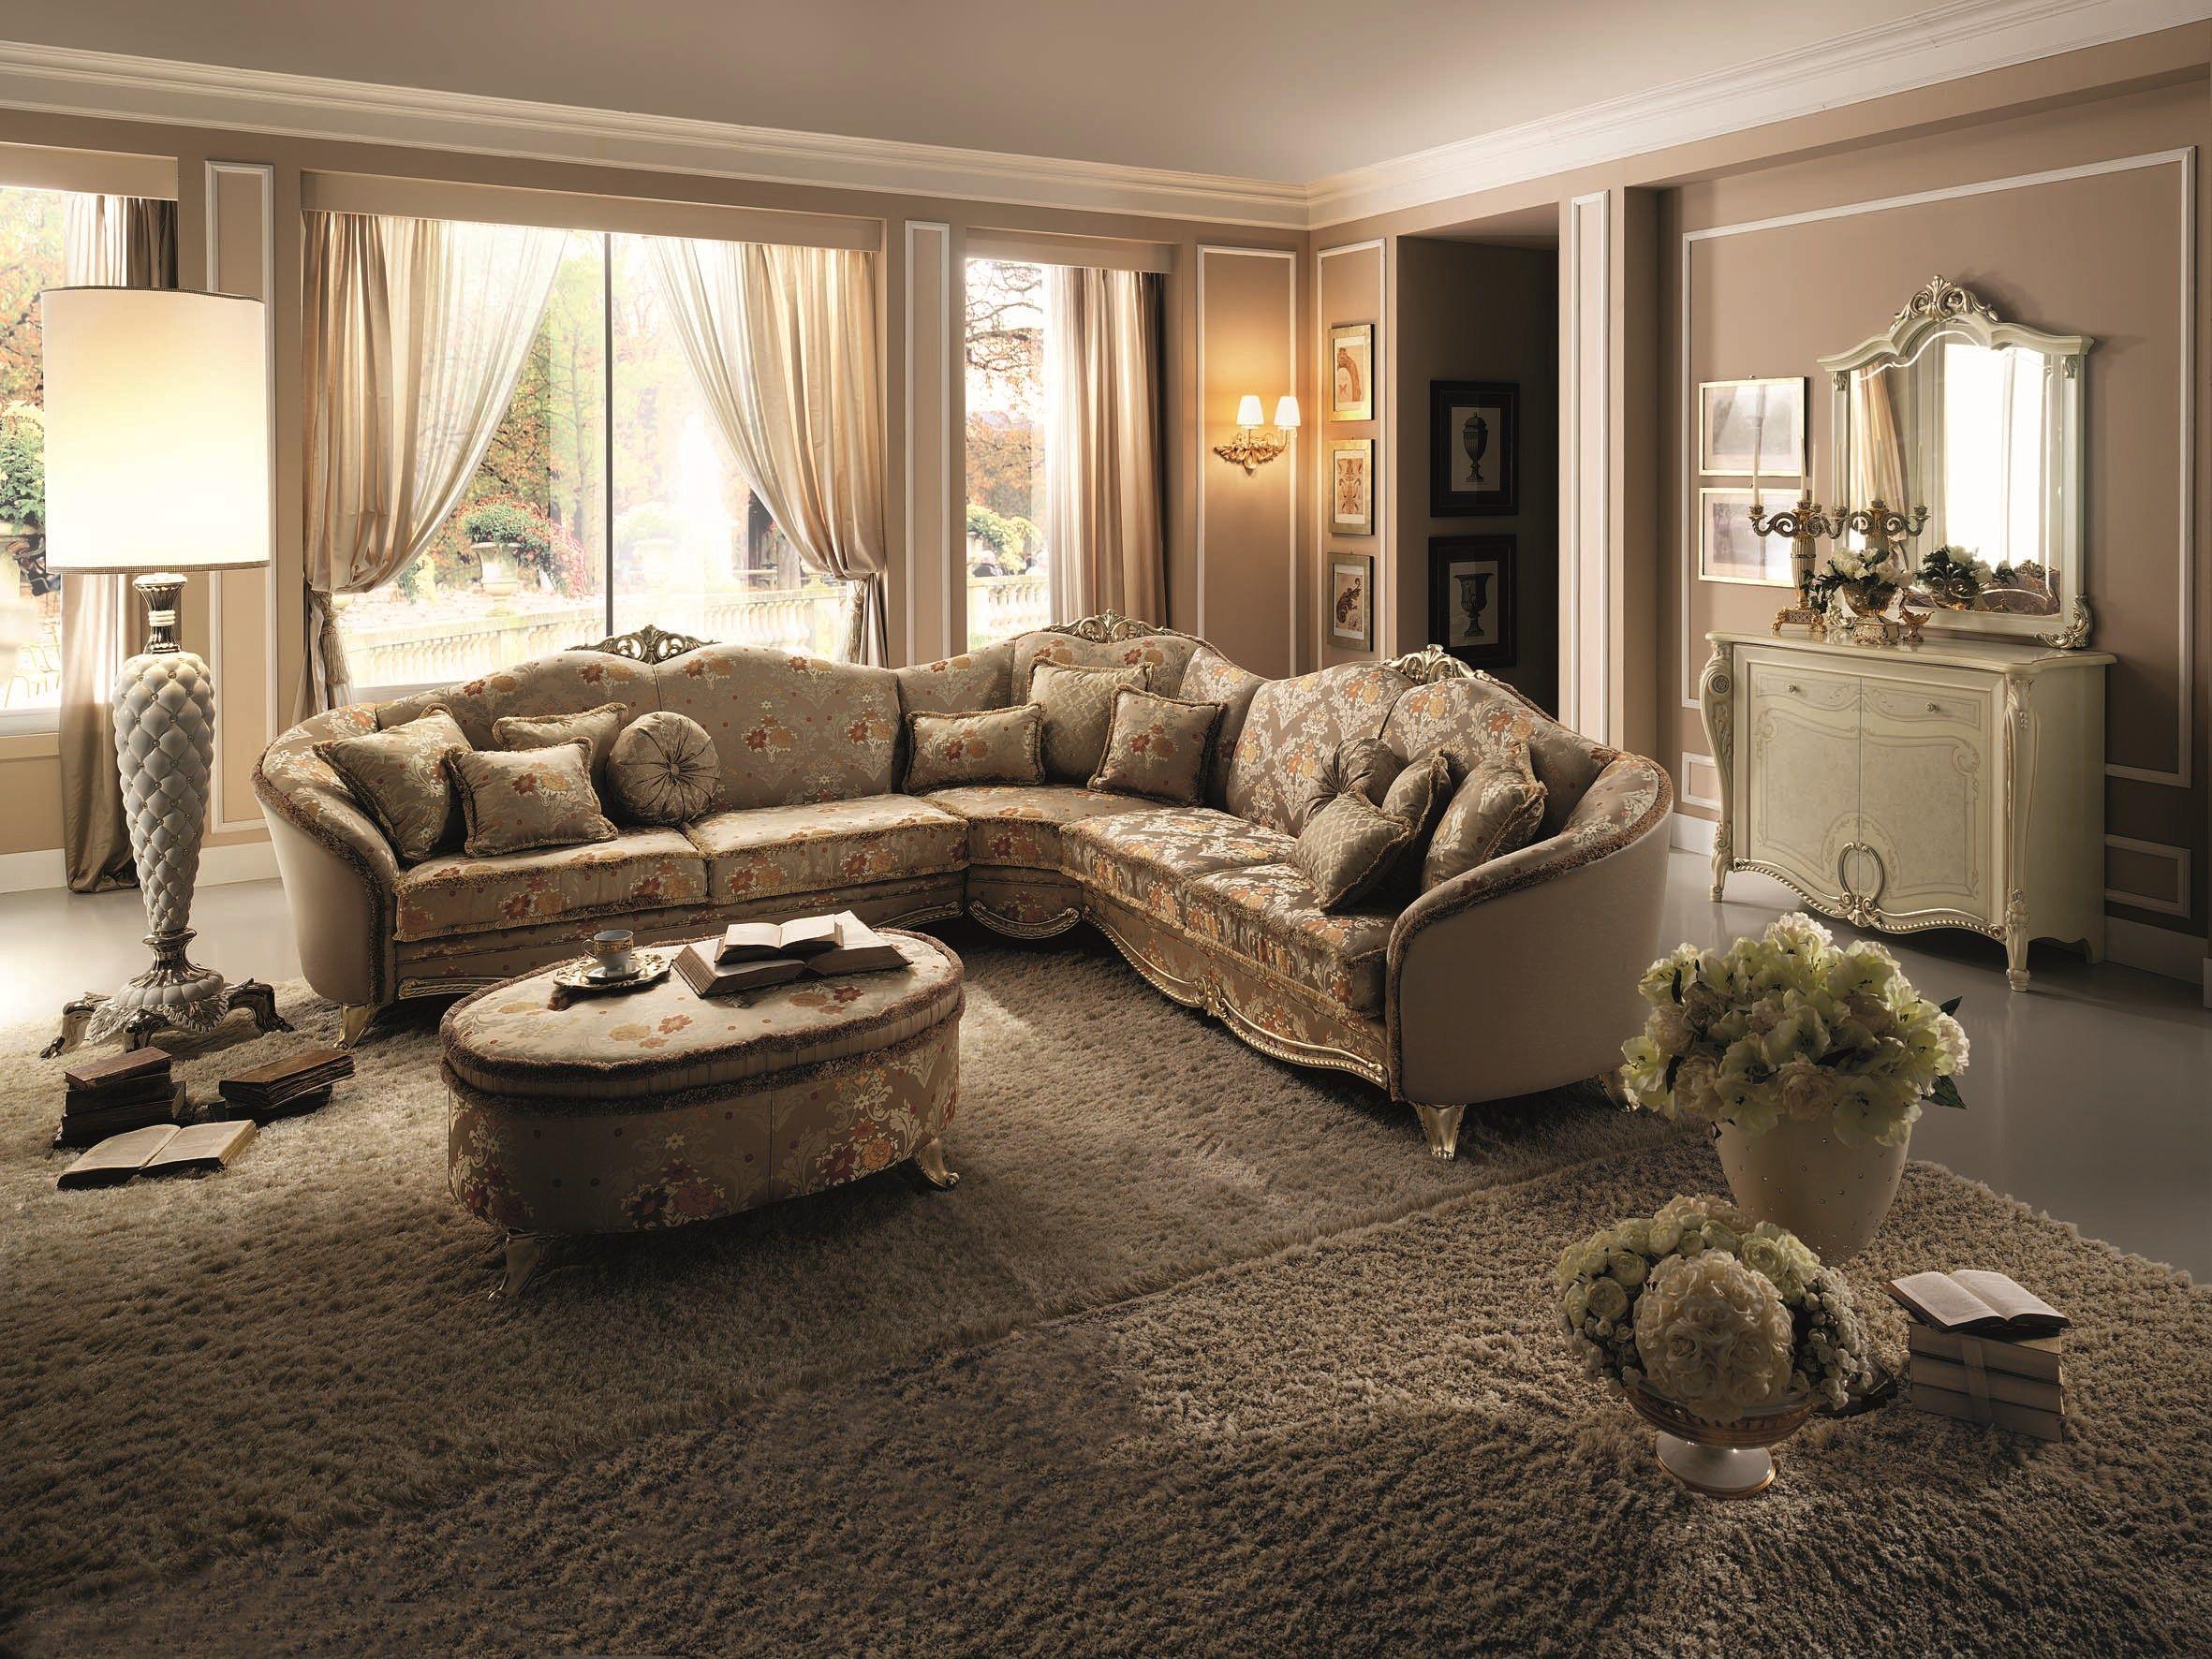 Arredare soggiorno stile classico : arredare un soggiorno stile ...